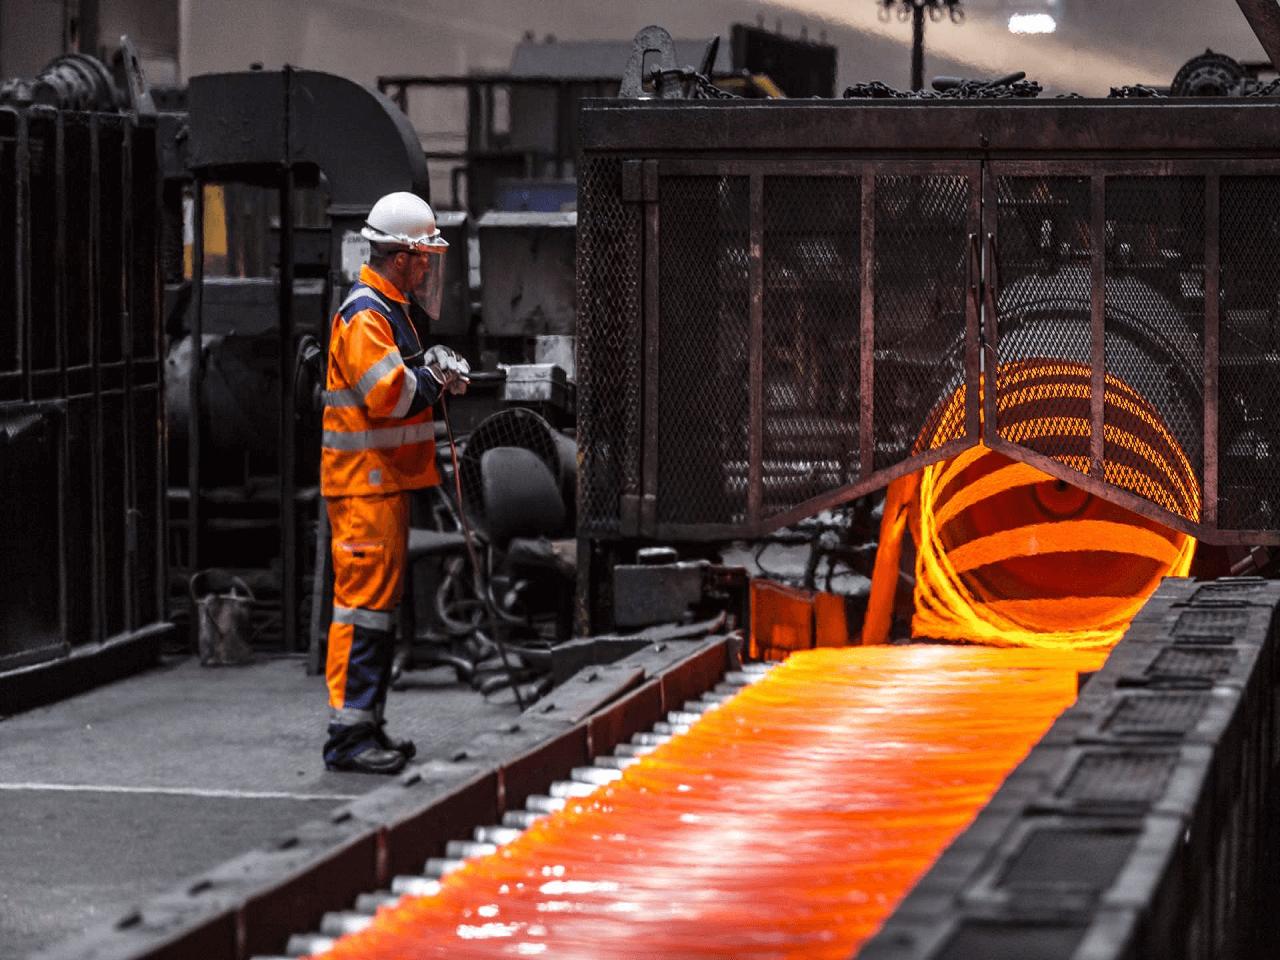 Avrupalı Üreticiler Demir-Çelik Korunma Önleminin Devamı İçin Baskılarını Artırıyor